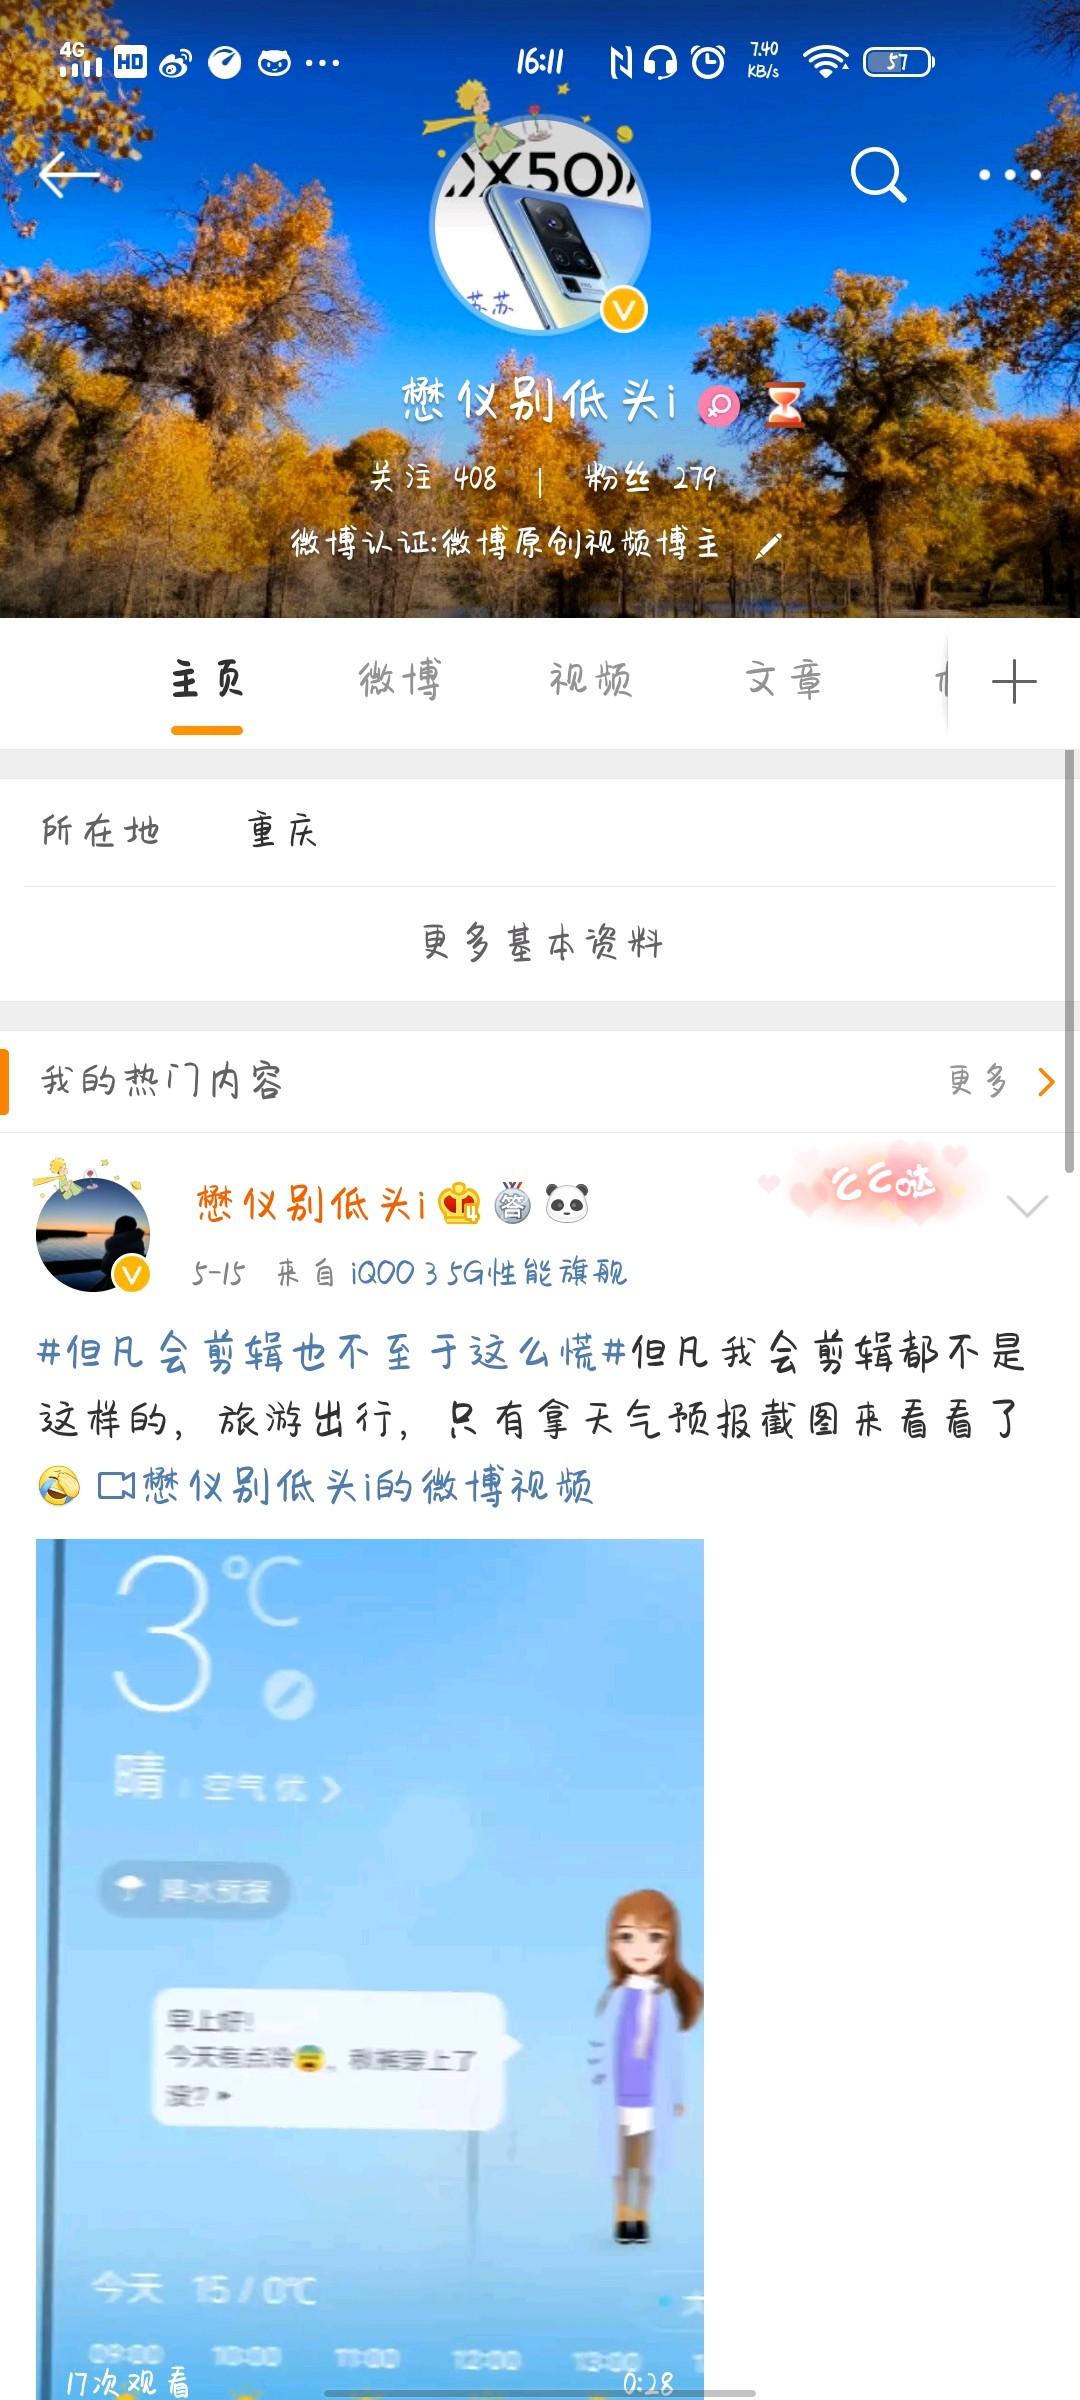 Screenshot_20200522_161131.jpg